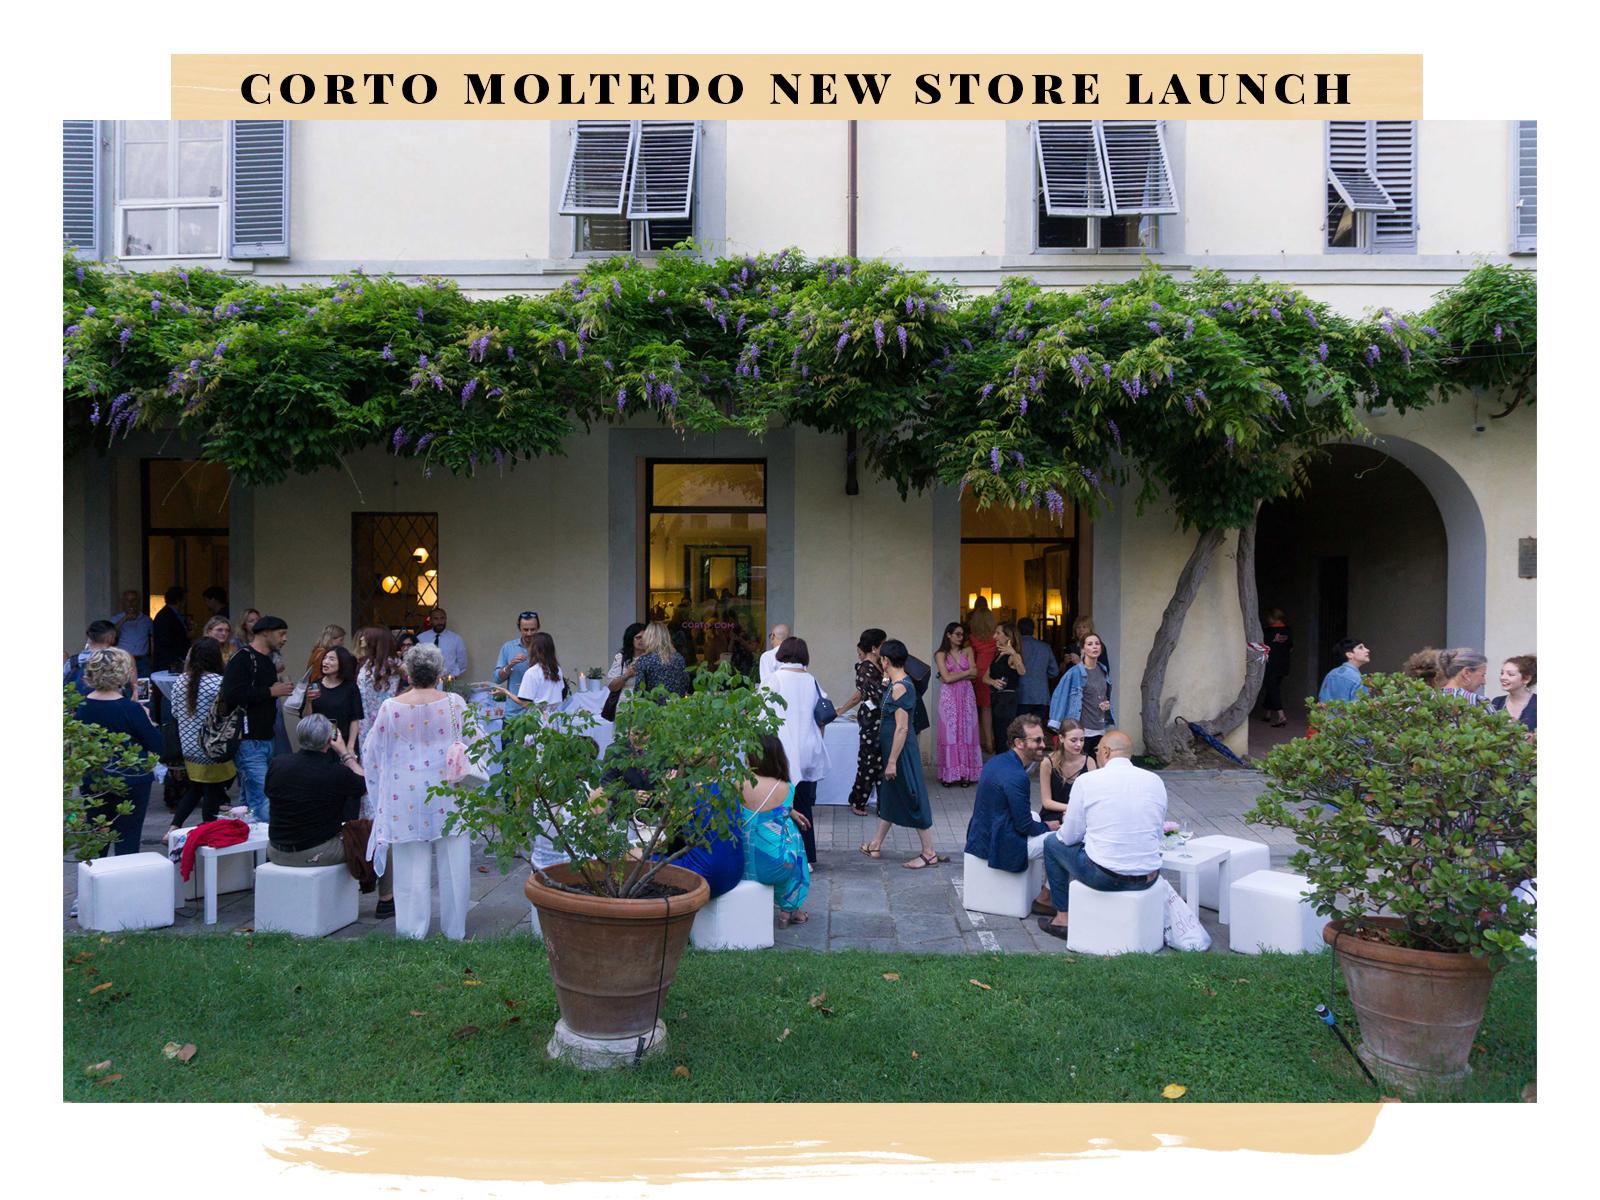 corto moltedo new store launch